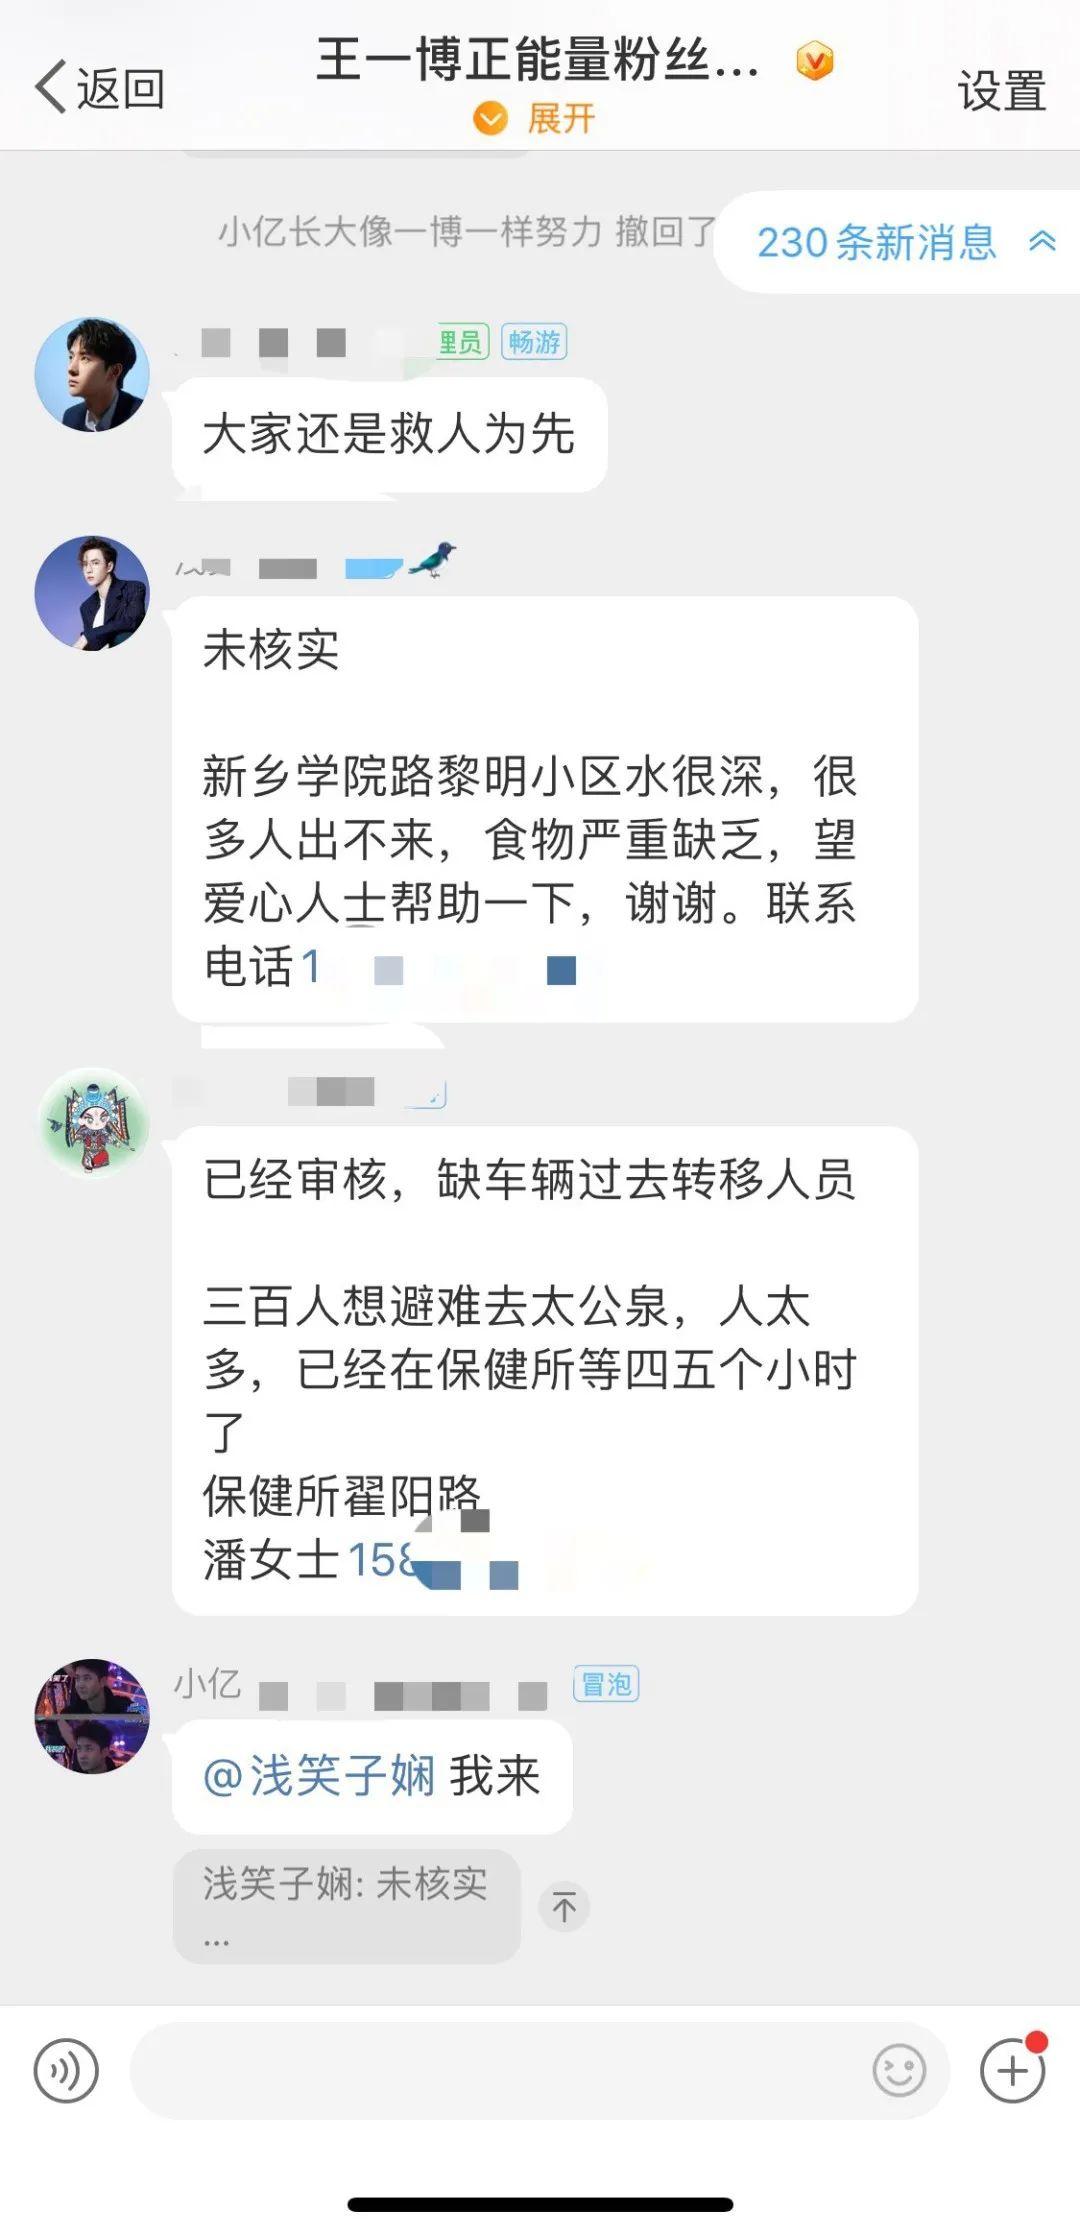 王一博正能量粉丝公益站互助群聊 受访者提供截图